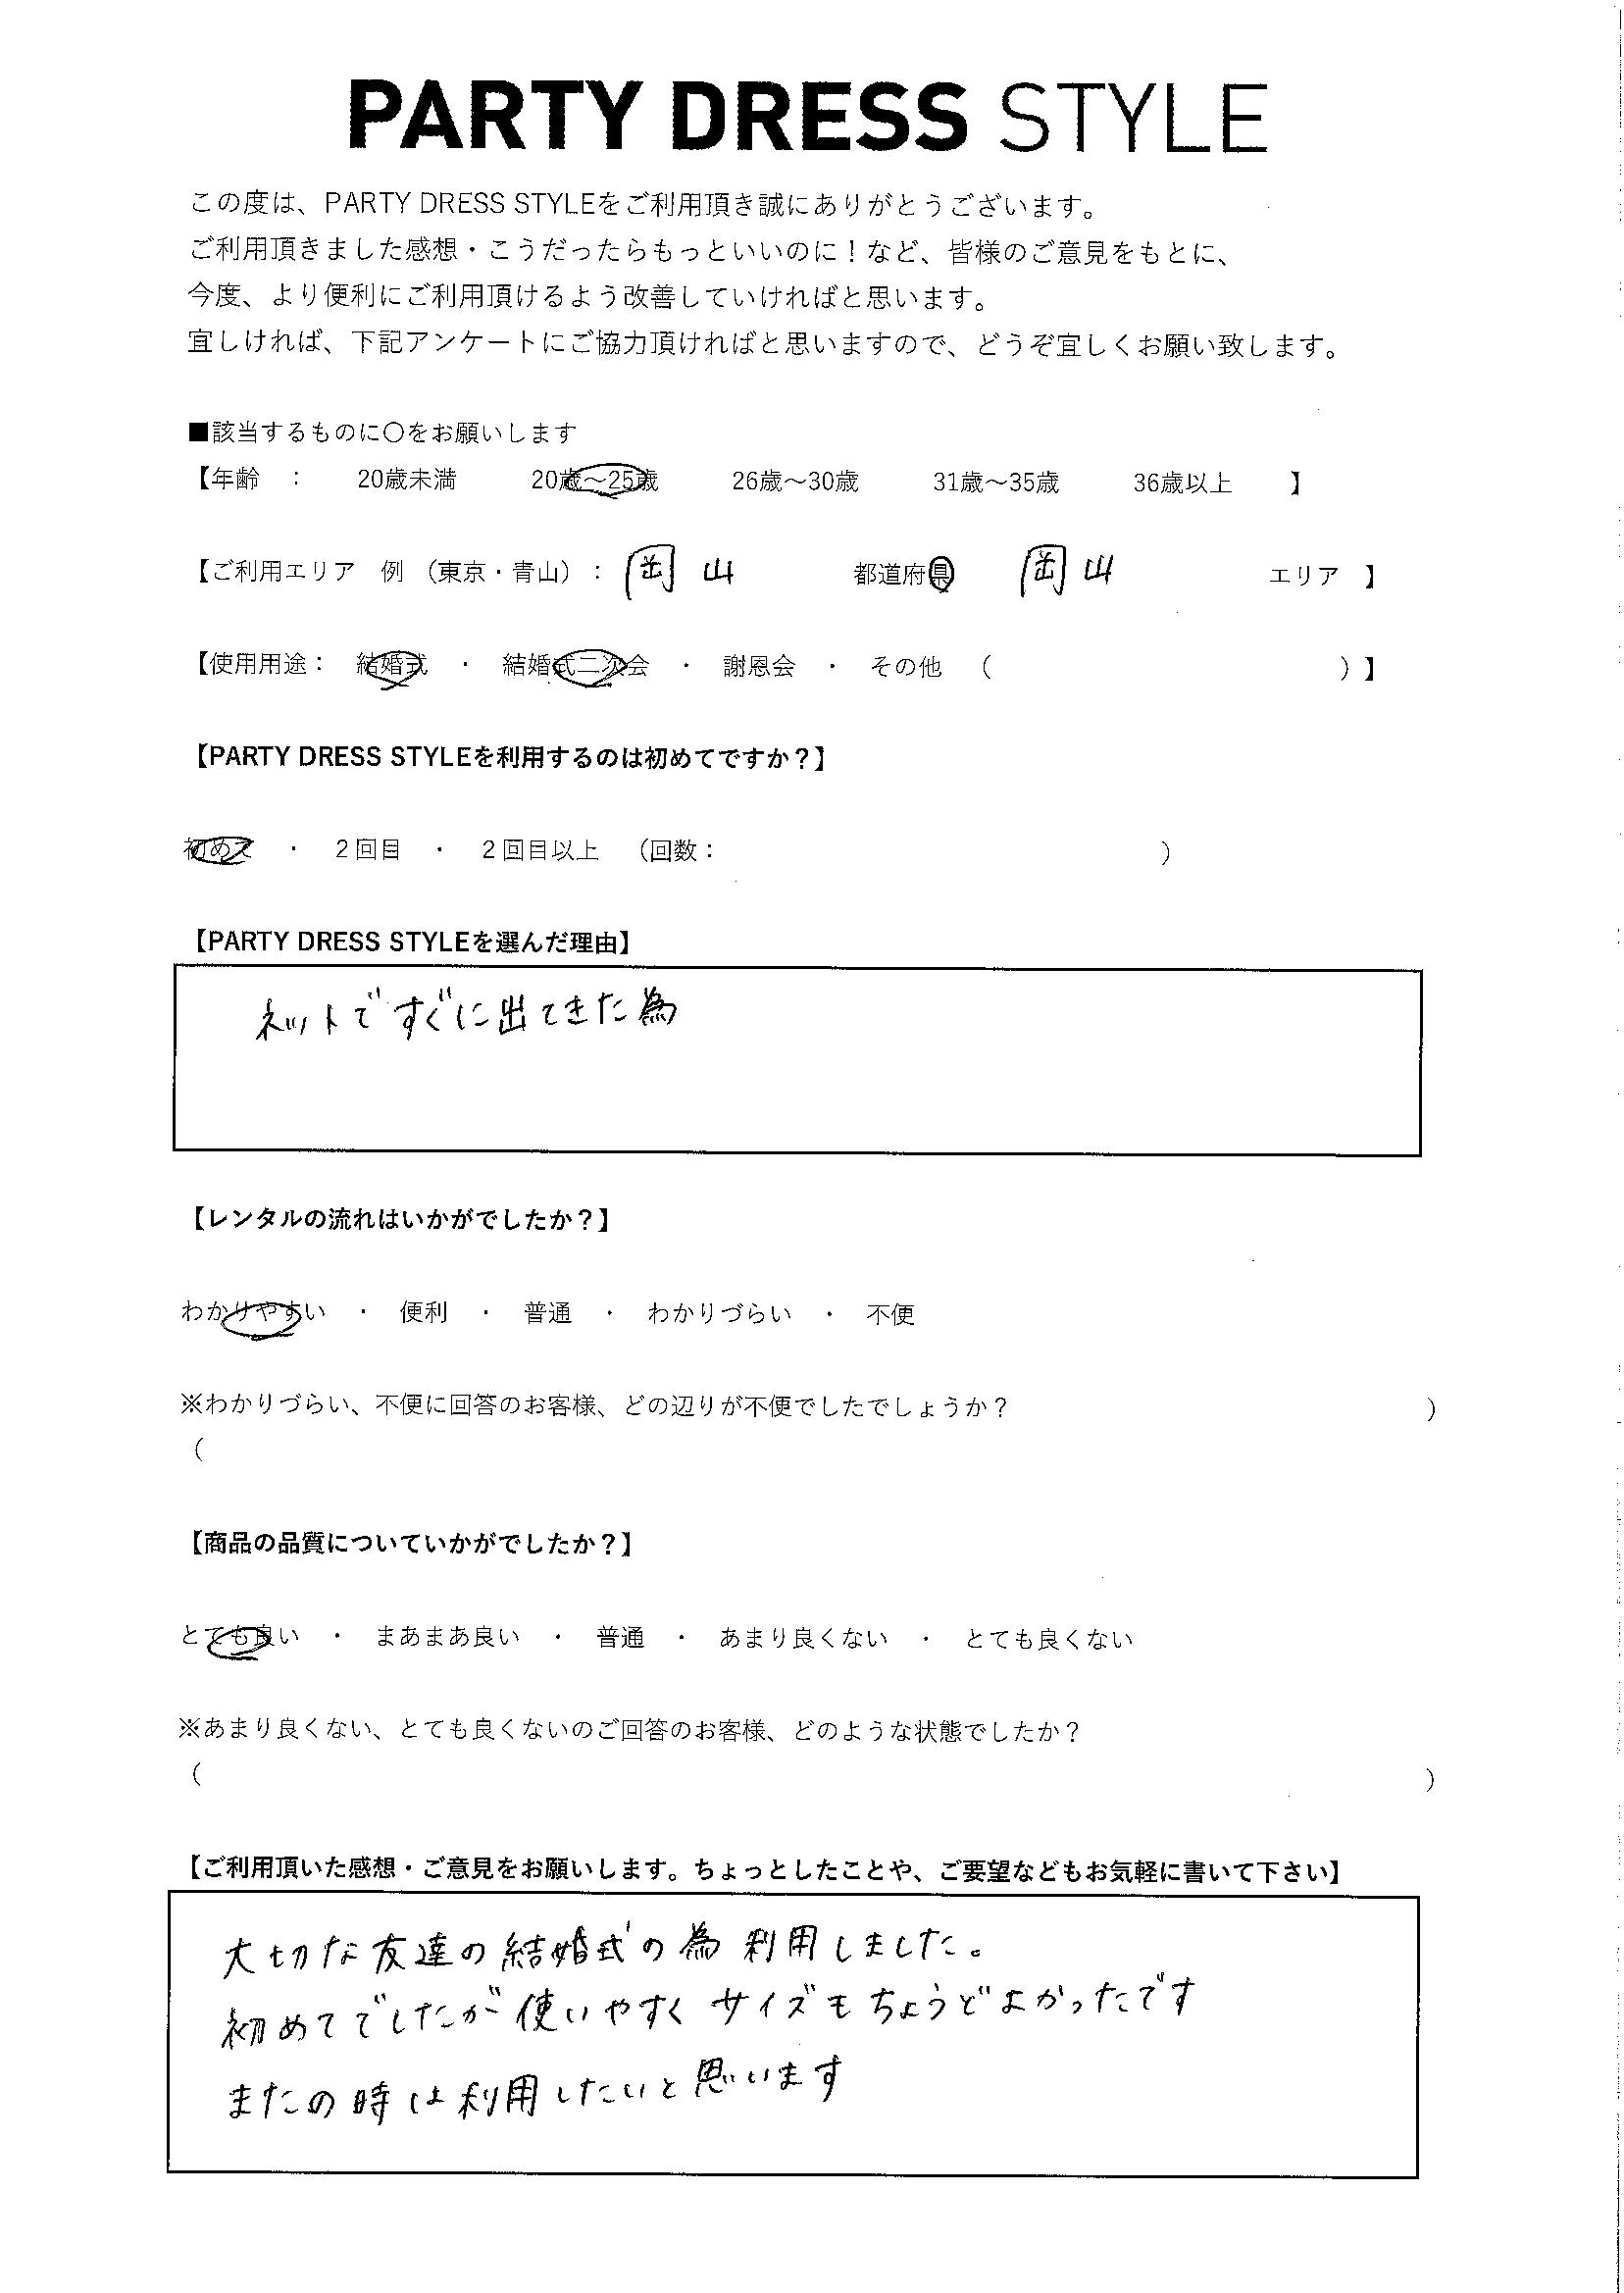 6/1結婚式二次会利用 岡山県・岡山エリア